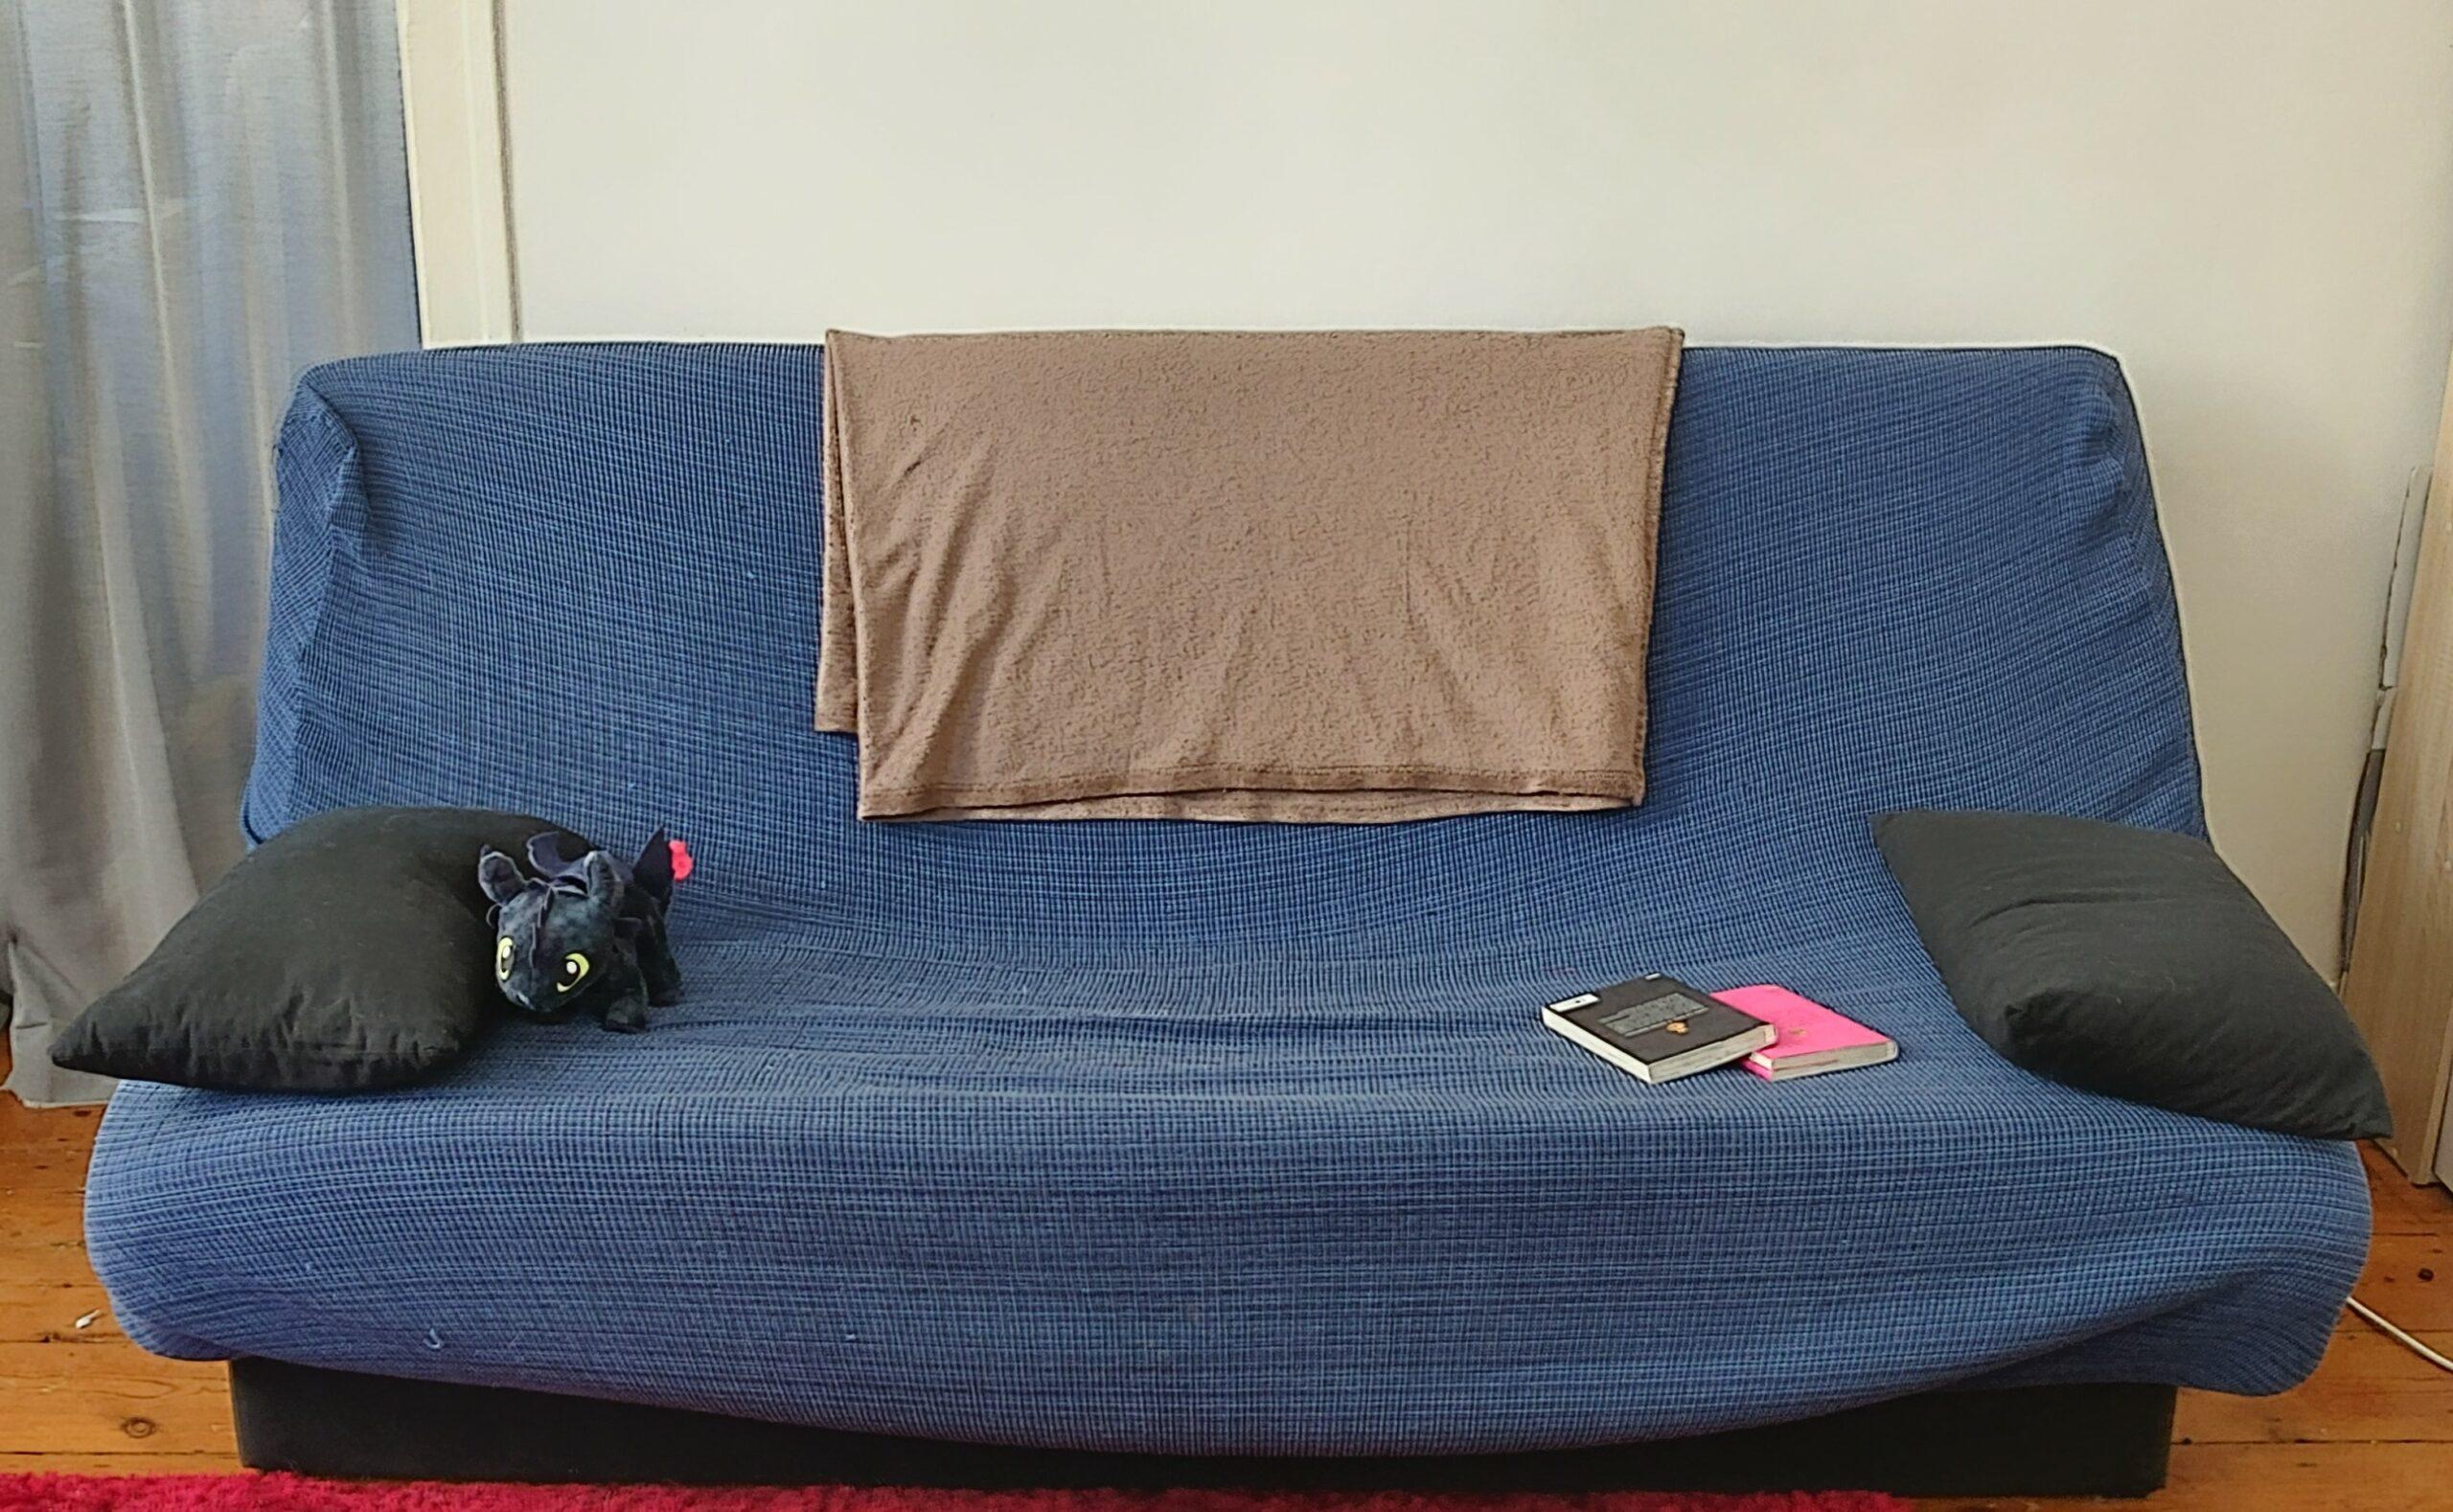 Au centre de la photo : un canapé bleu où est posé un plaid marron plié, au centre. Sur le canapé il y a deux coussins noirs (un à chaque extrémité), une peluche de dragon et deux livres (un rose et un noir).